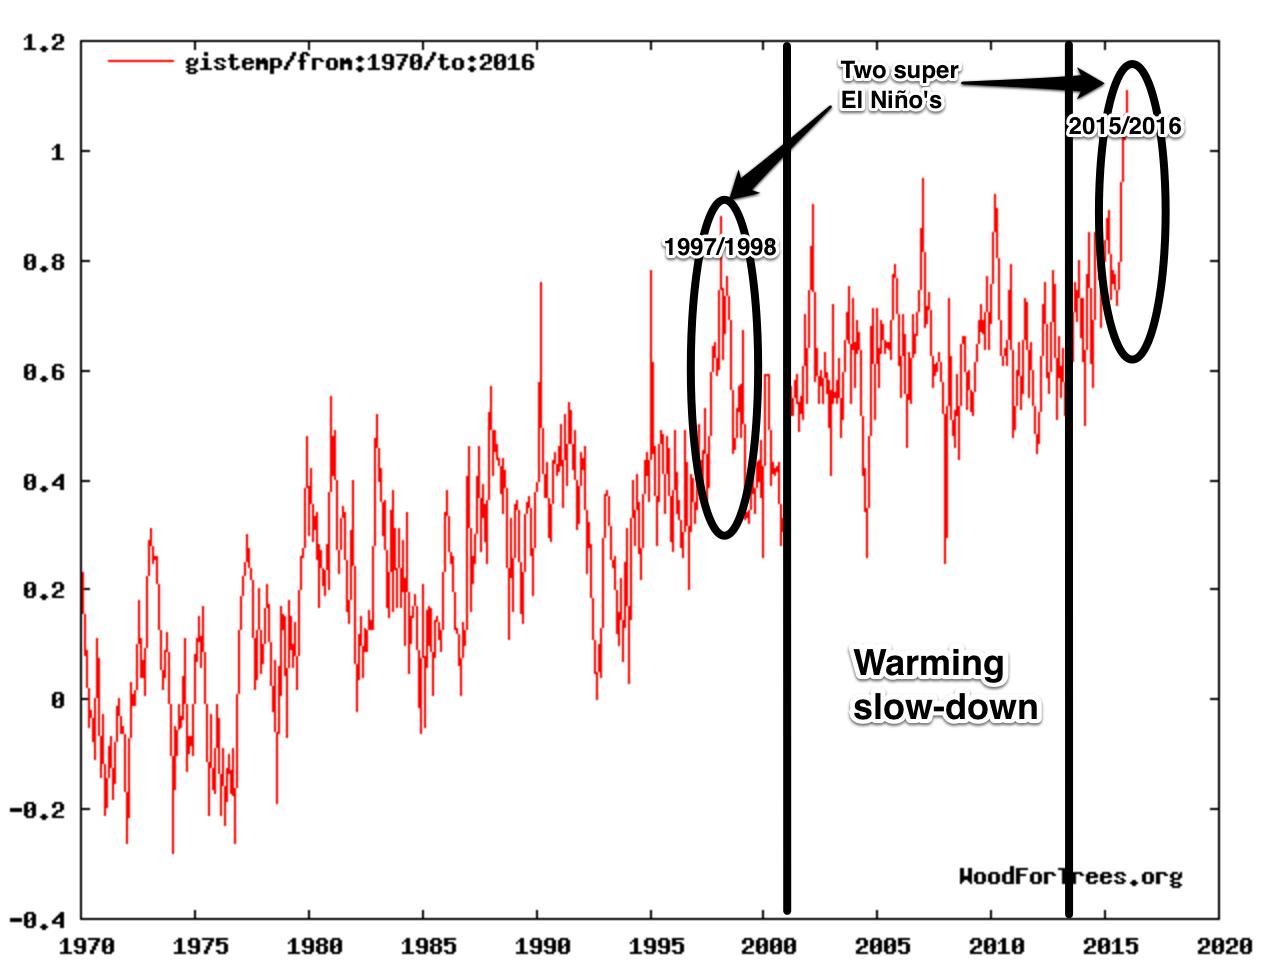 """""""Мы только что пережили самый теплый февраль за время инструментальных измерений. Это хорошо отражает то, как работает глобальное антропогенное потепление: на долгосрочный тренд под""""ема температуры - результат деятельности человека - накладывается кратковременный под""""ем - эффект Эль Ниньо, цикл солнечной активности и вулканическая активность; в результате - новые рекорды температуры. Данные НОАА"""""""